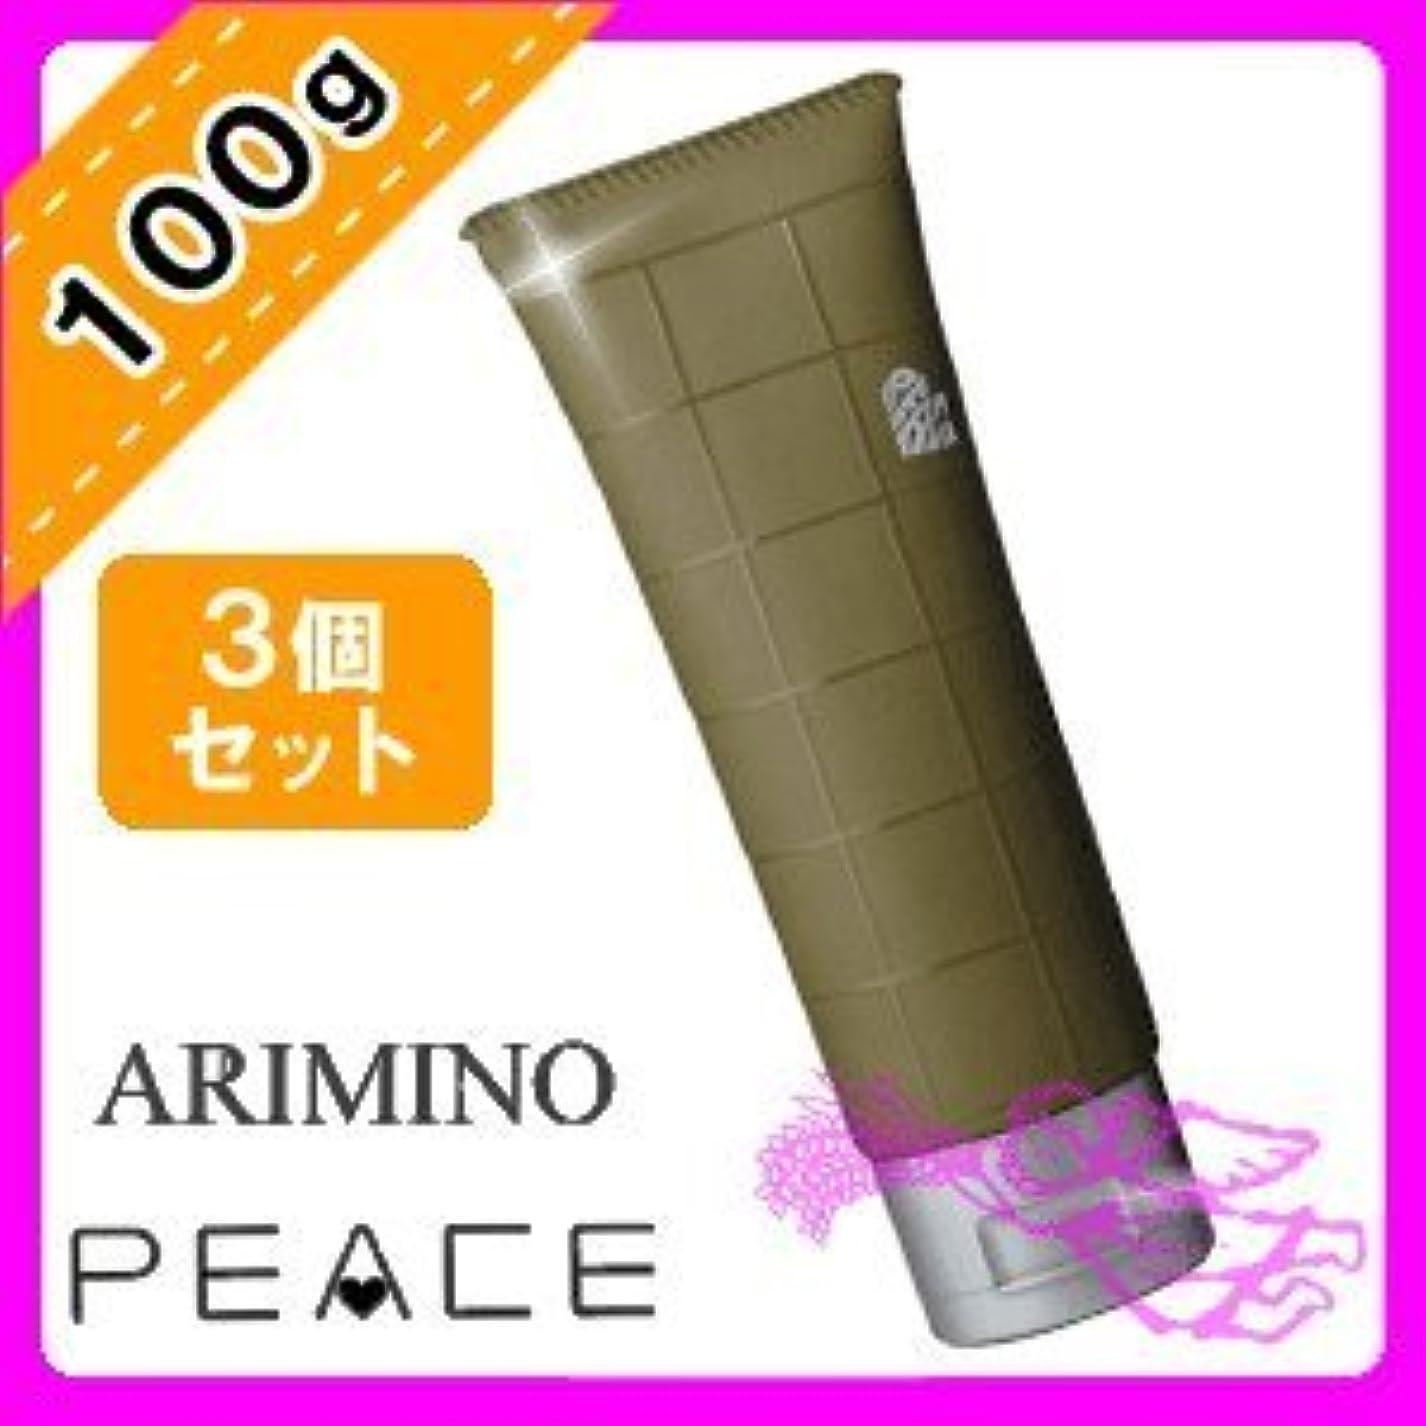 ブルーベル監査ルアーアリミノ ピース ウェットオイル ワックス 100g ×3個セット arimino PEACE